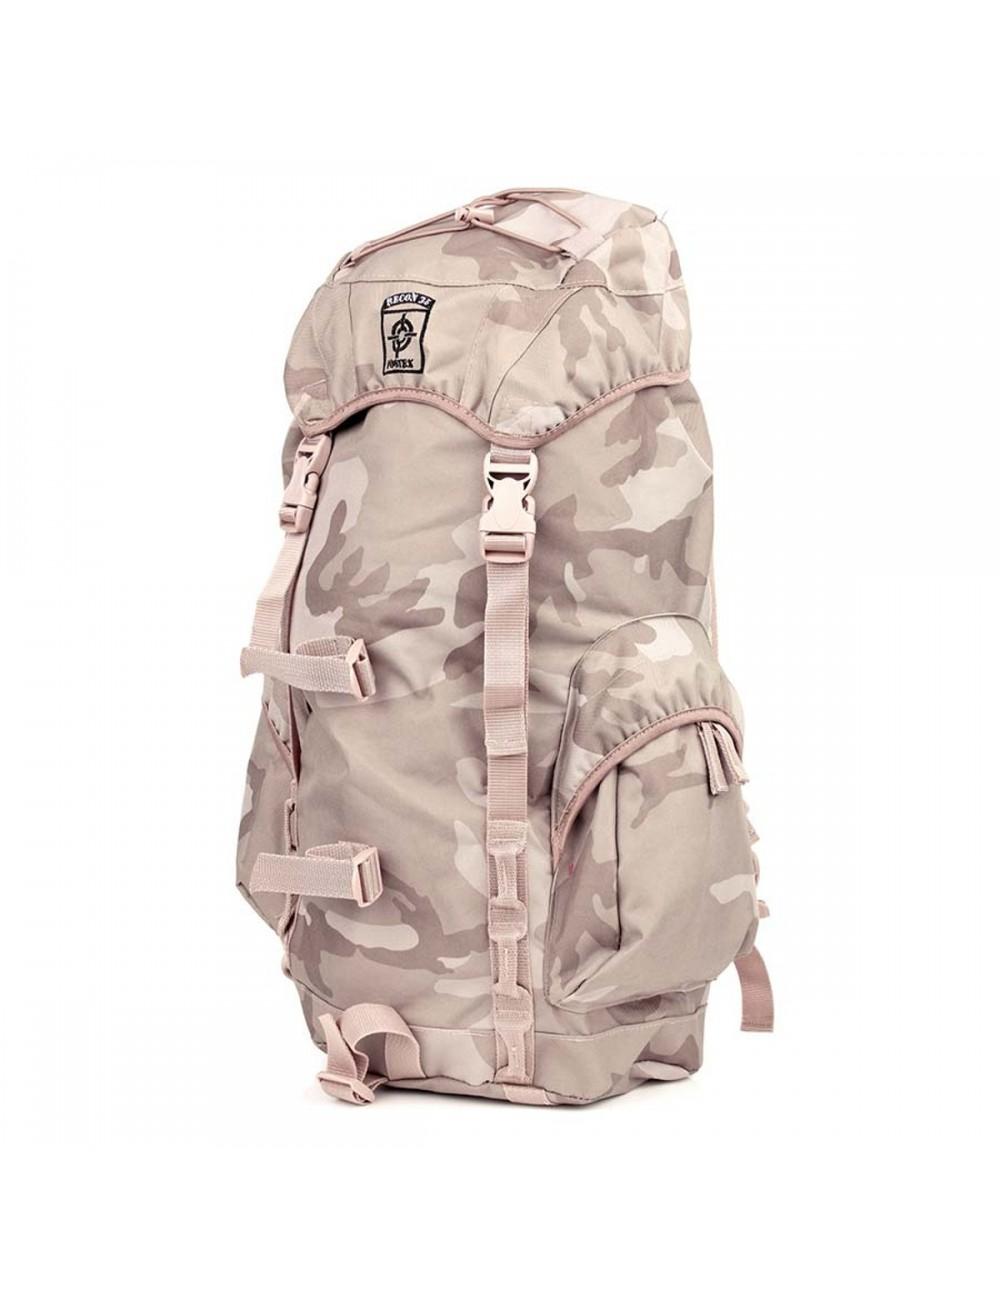 Fostex rugzak Recon Desert 35 liter - camouflage Woestijnkleuren